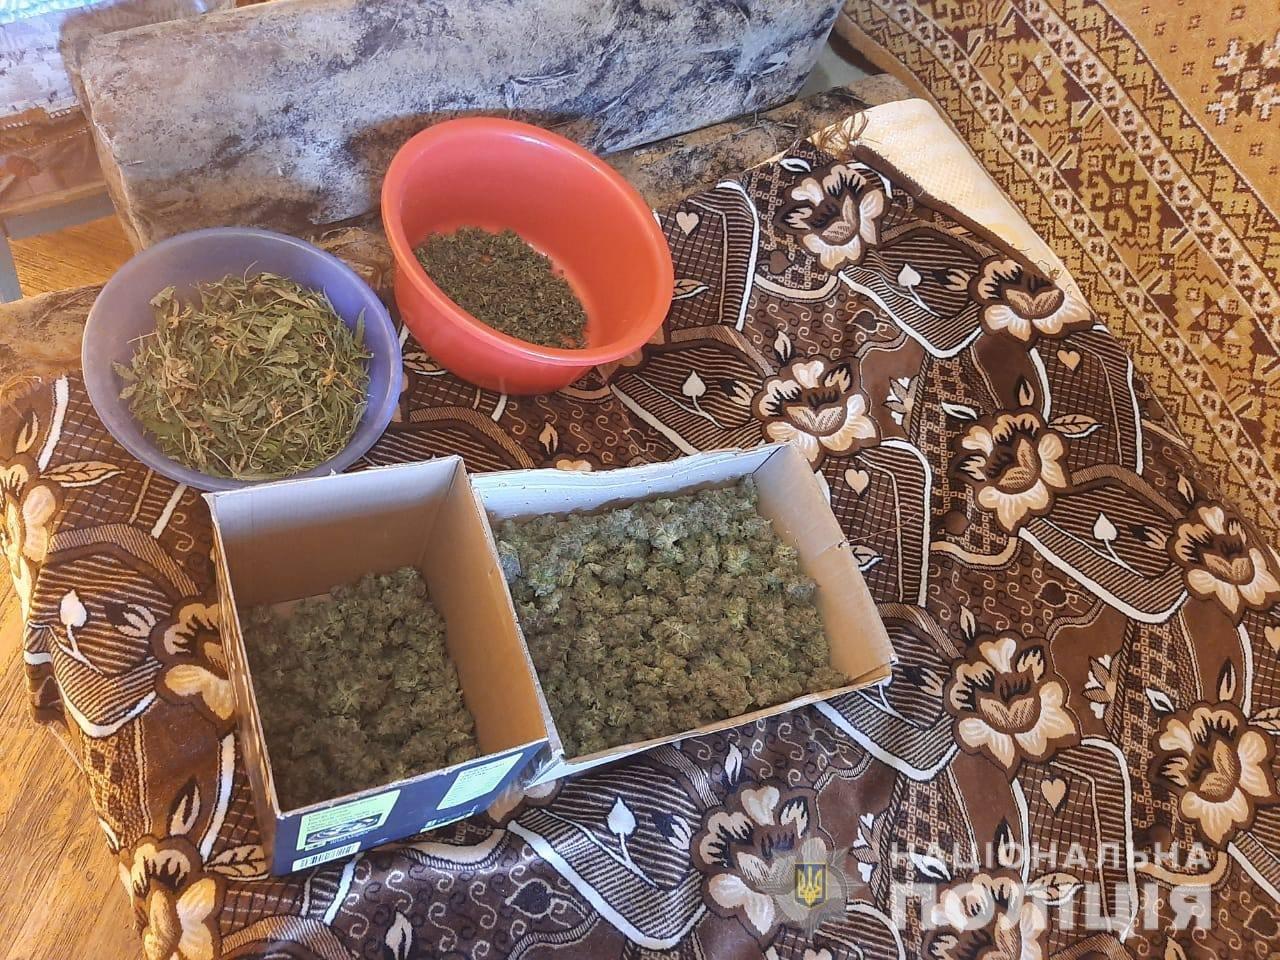 В Харькове полиция провела обыск в квартире местного жителя и нашла у него наркотики, - ФОТО, фото-1